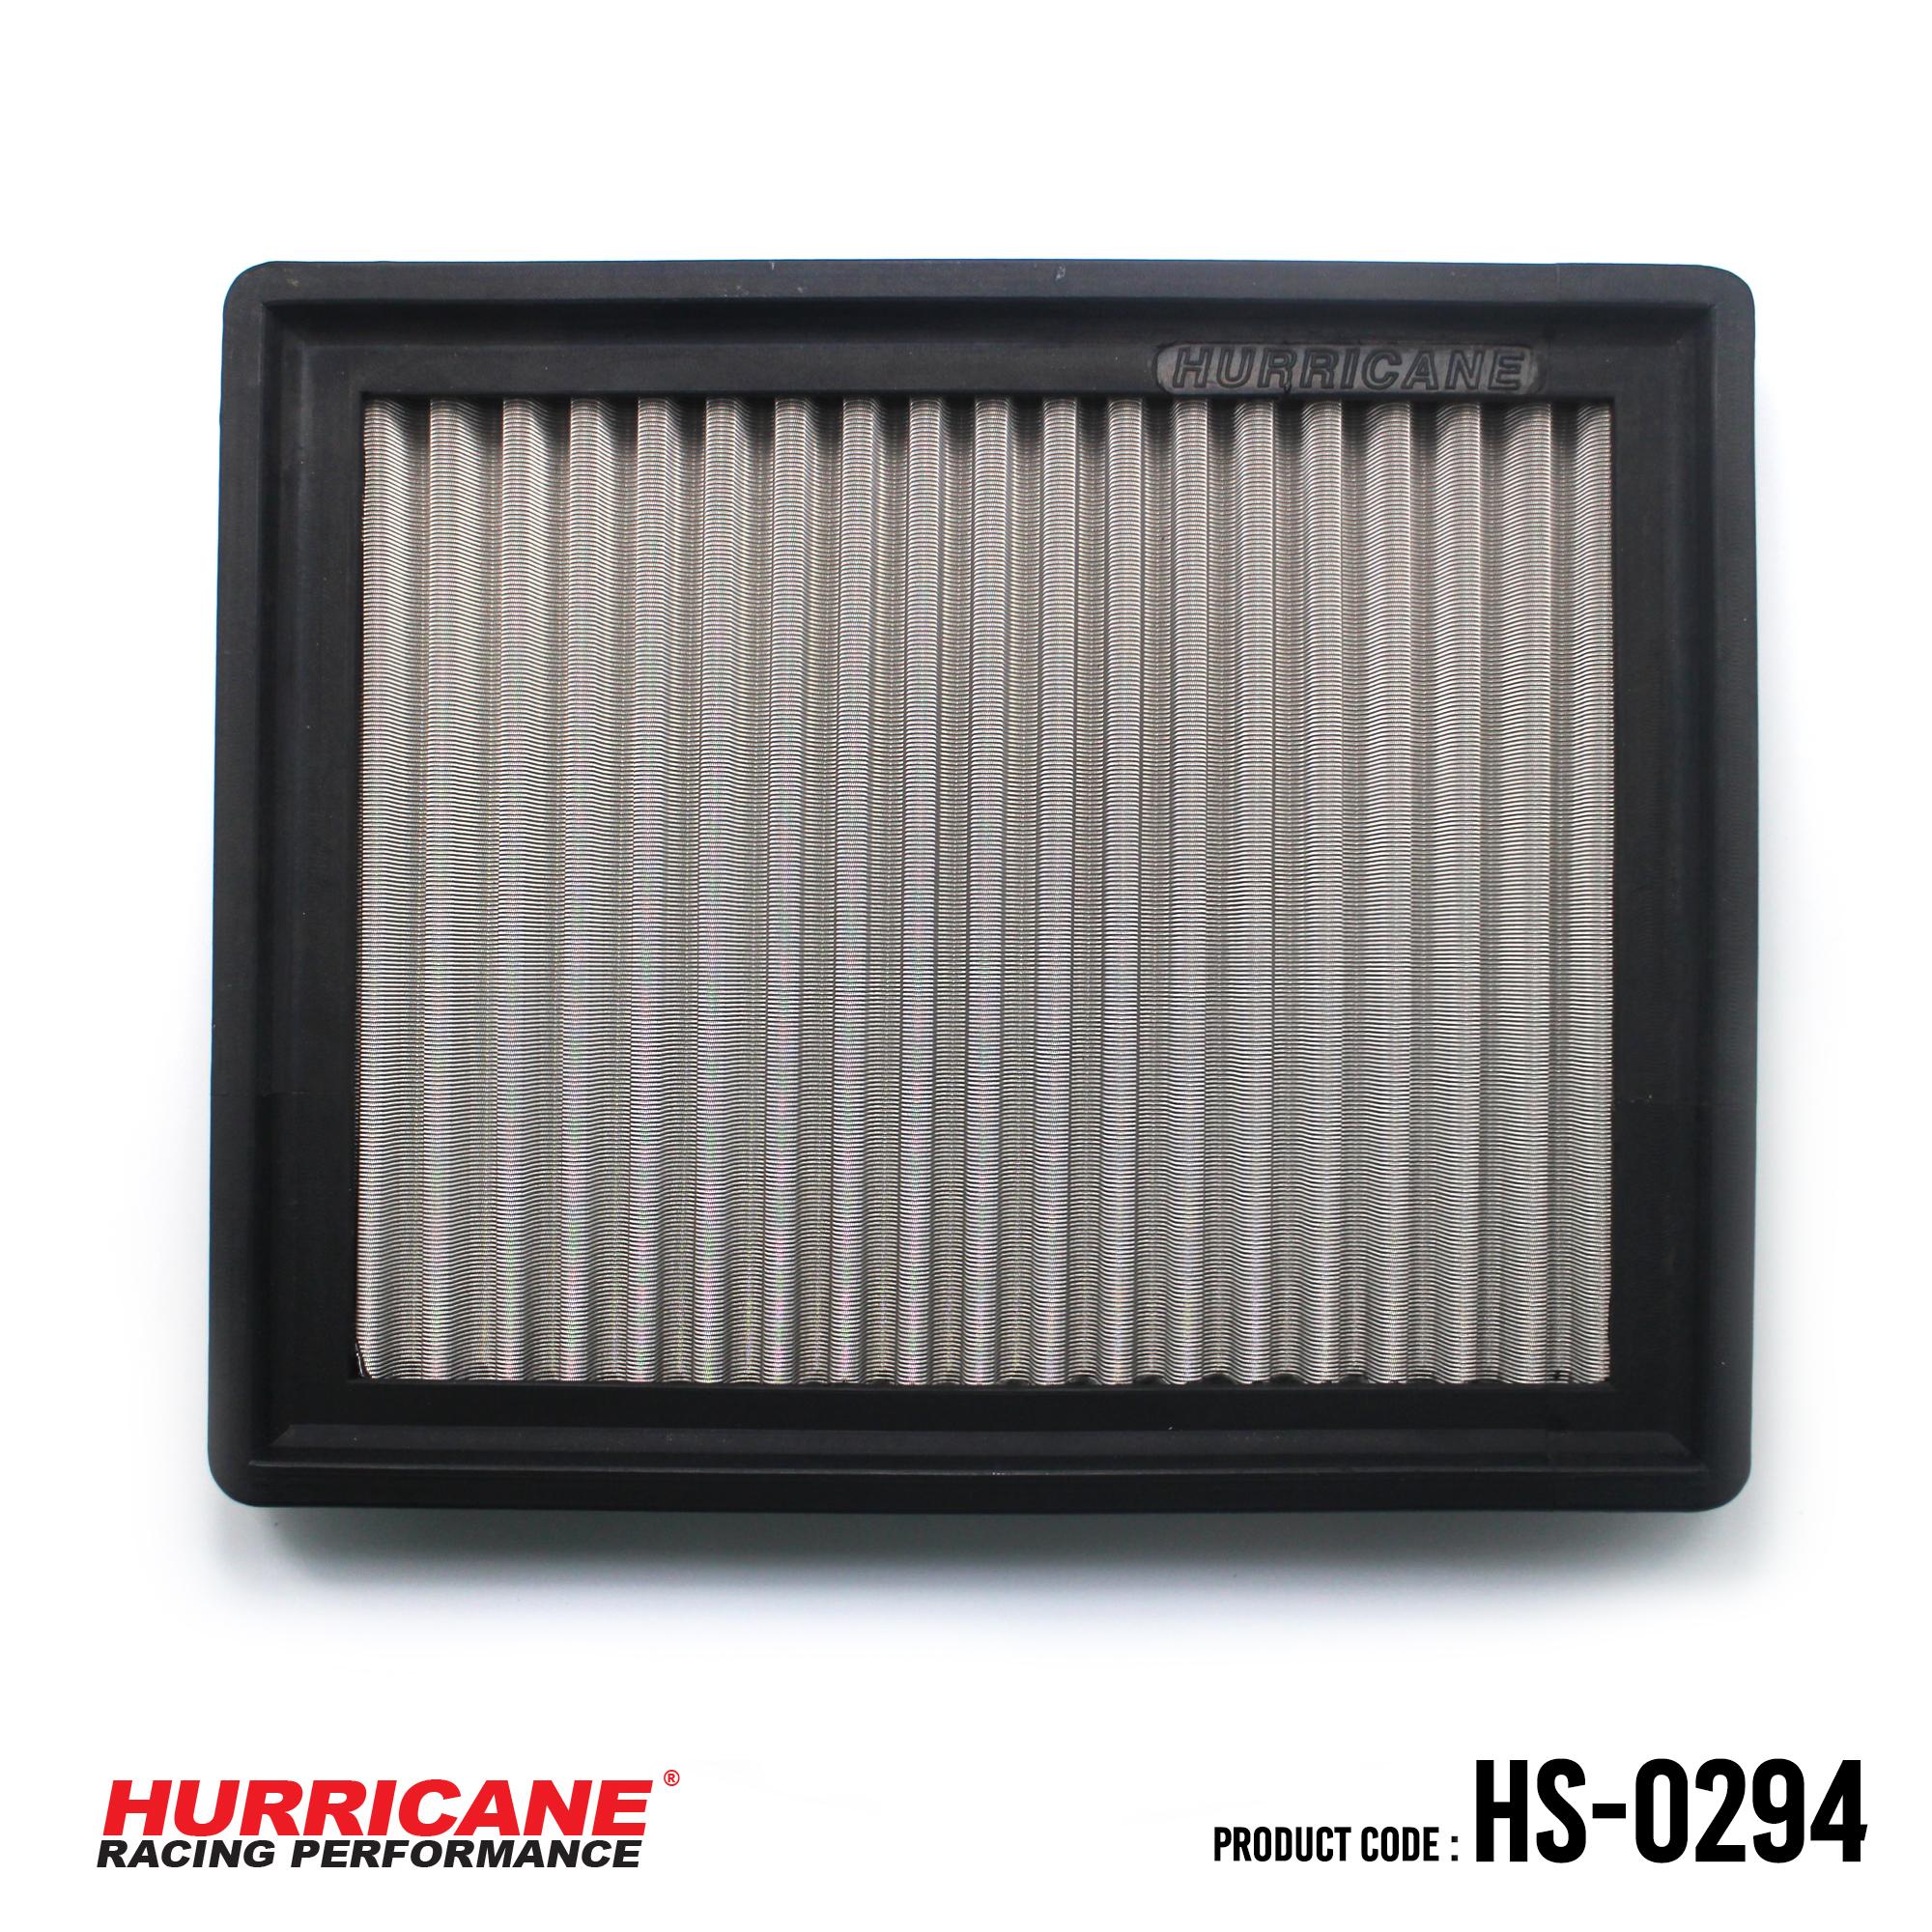 HURRICANE STAINLESS STEEL AIR FILTER FOR HS-0294 LexusToyota